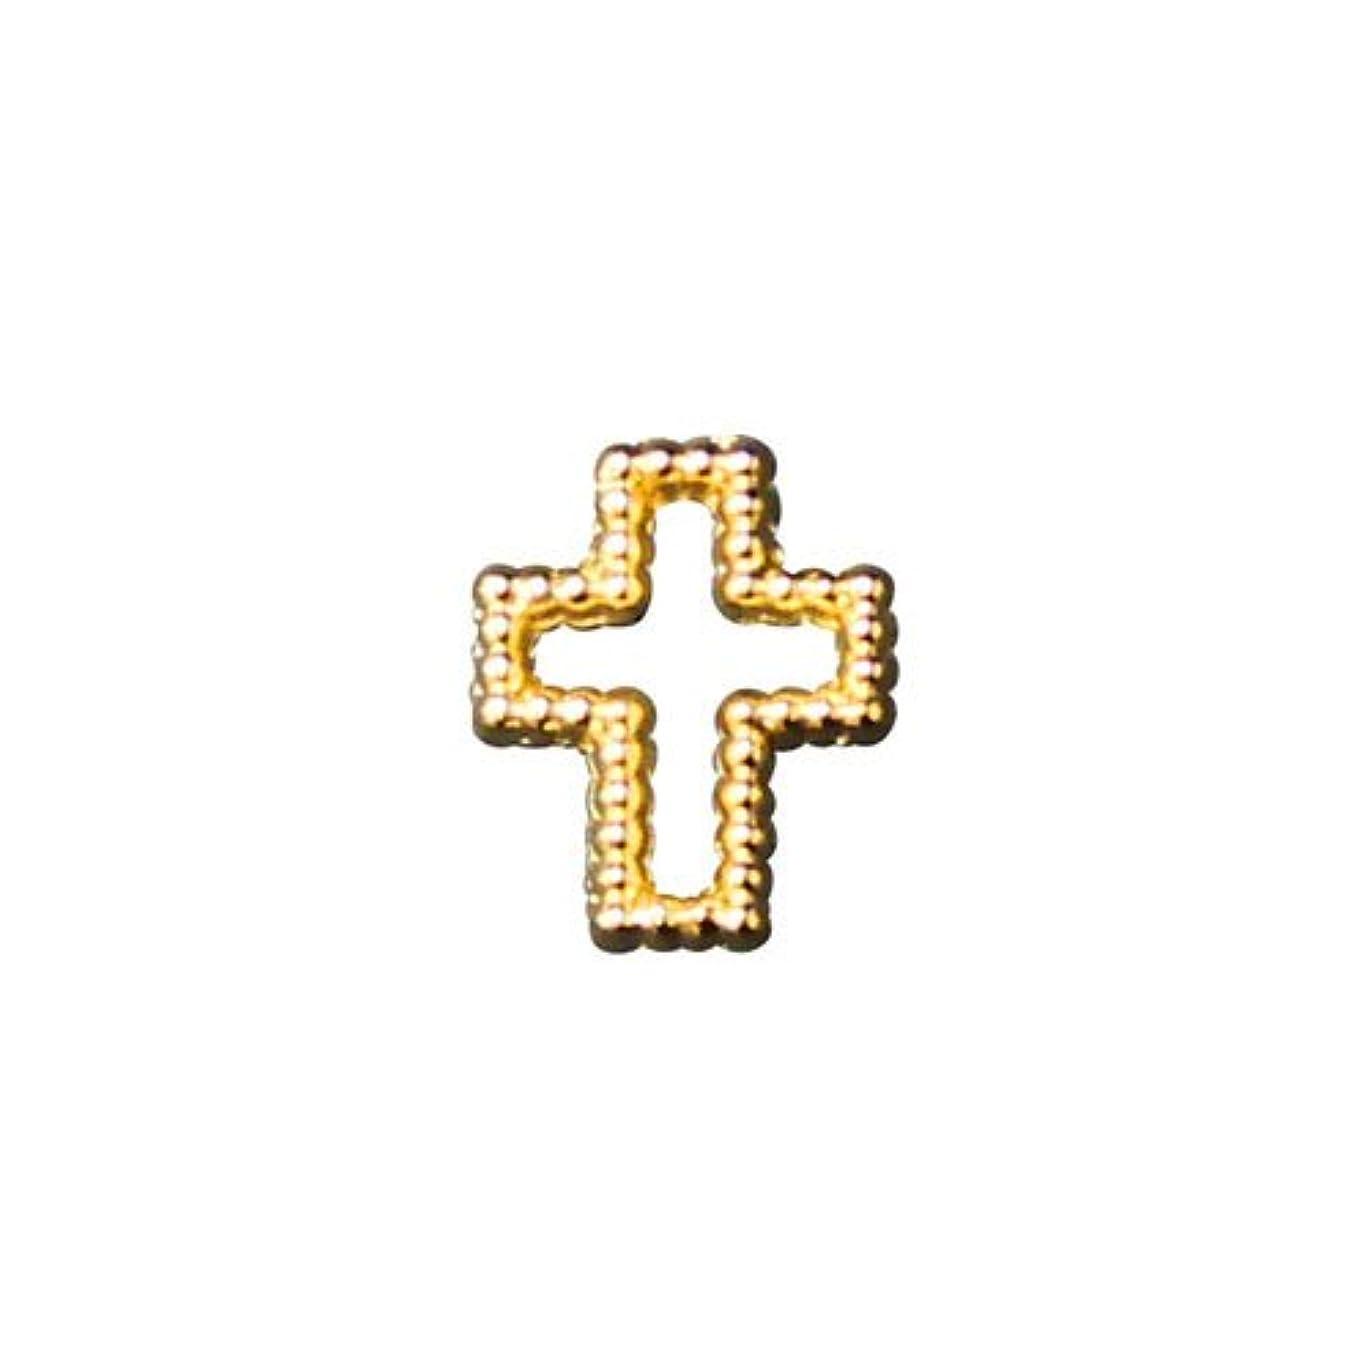 ブラウズシャーロックホームズ強制プリティーネイル ネイルアートパーツ ブリオンクロス2 M ゴールド 12個